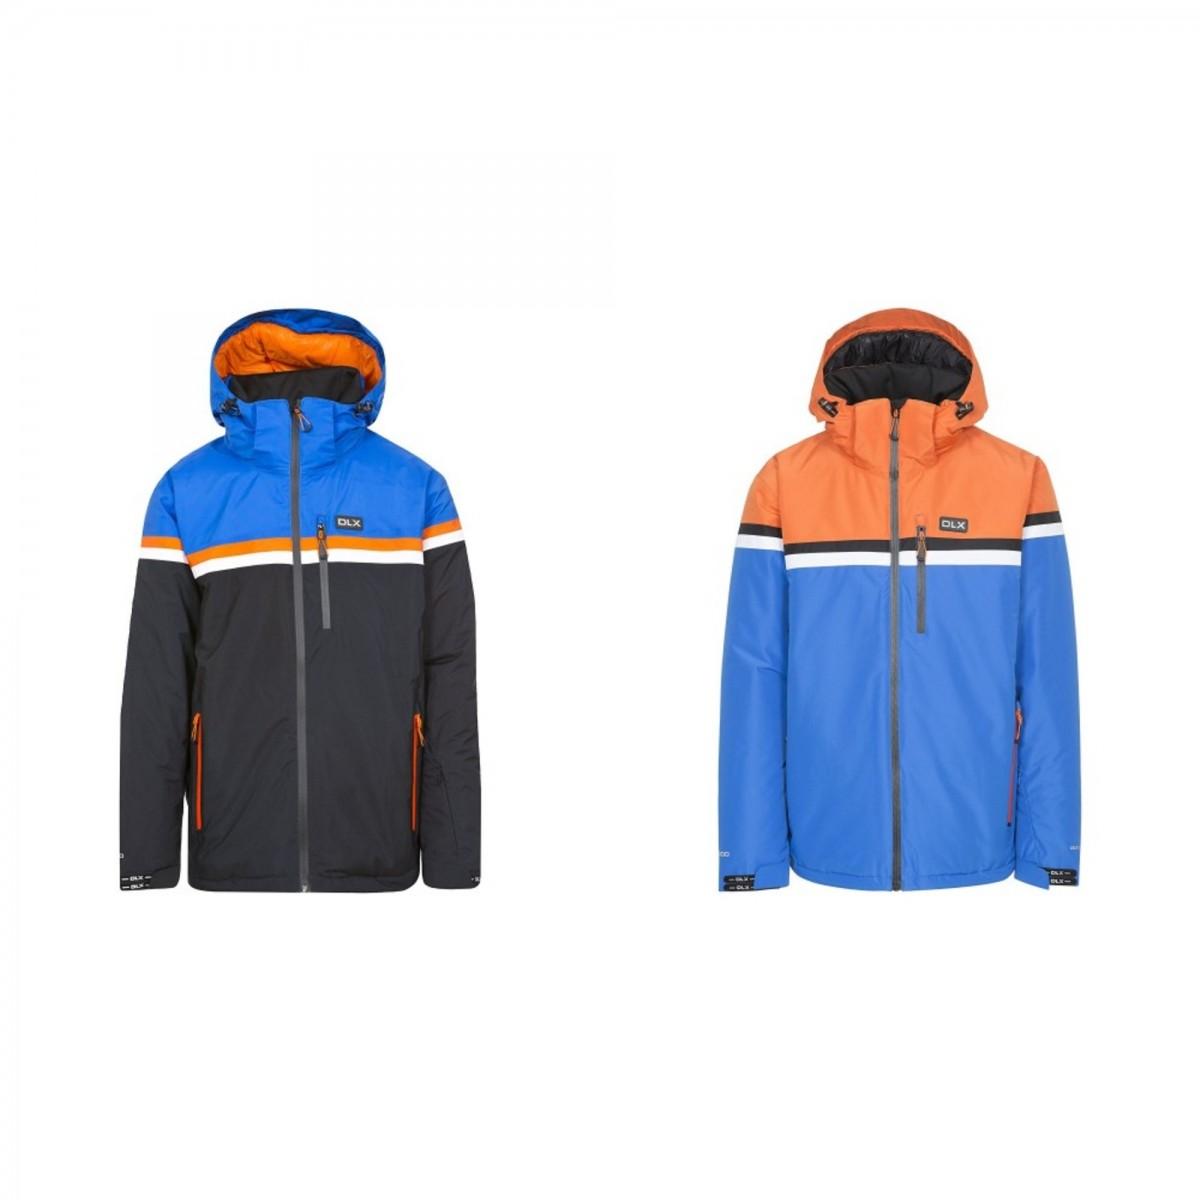 (トレスパス) Trespass メンズ Niven デラックス 防水 スキー ジャケット 防寒 フード付き ジャケット アウター 【海外直送】